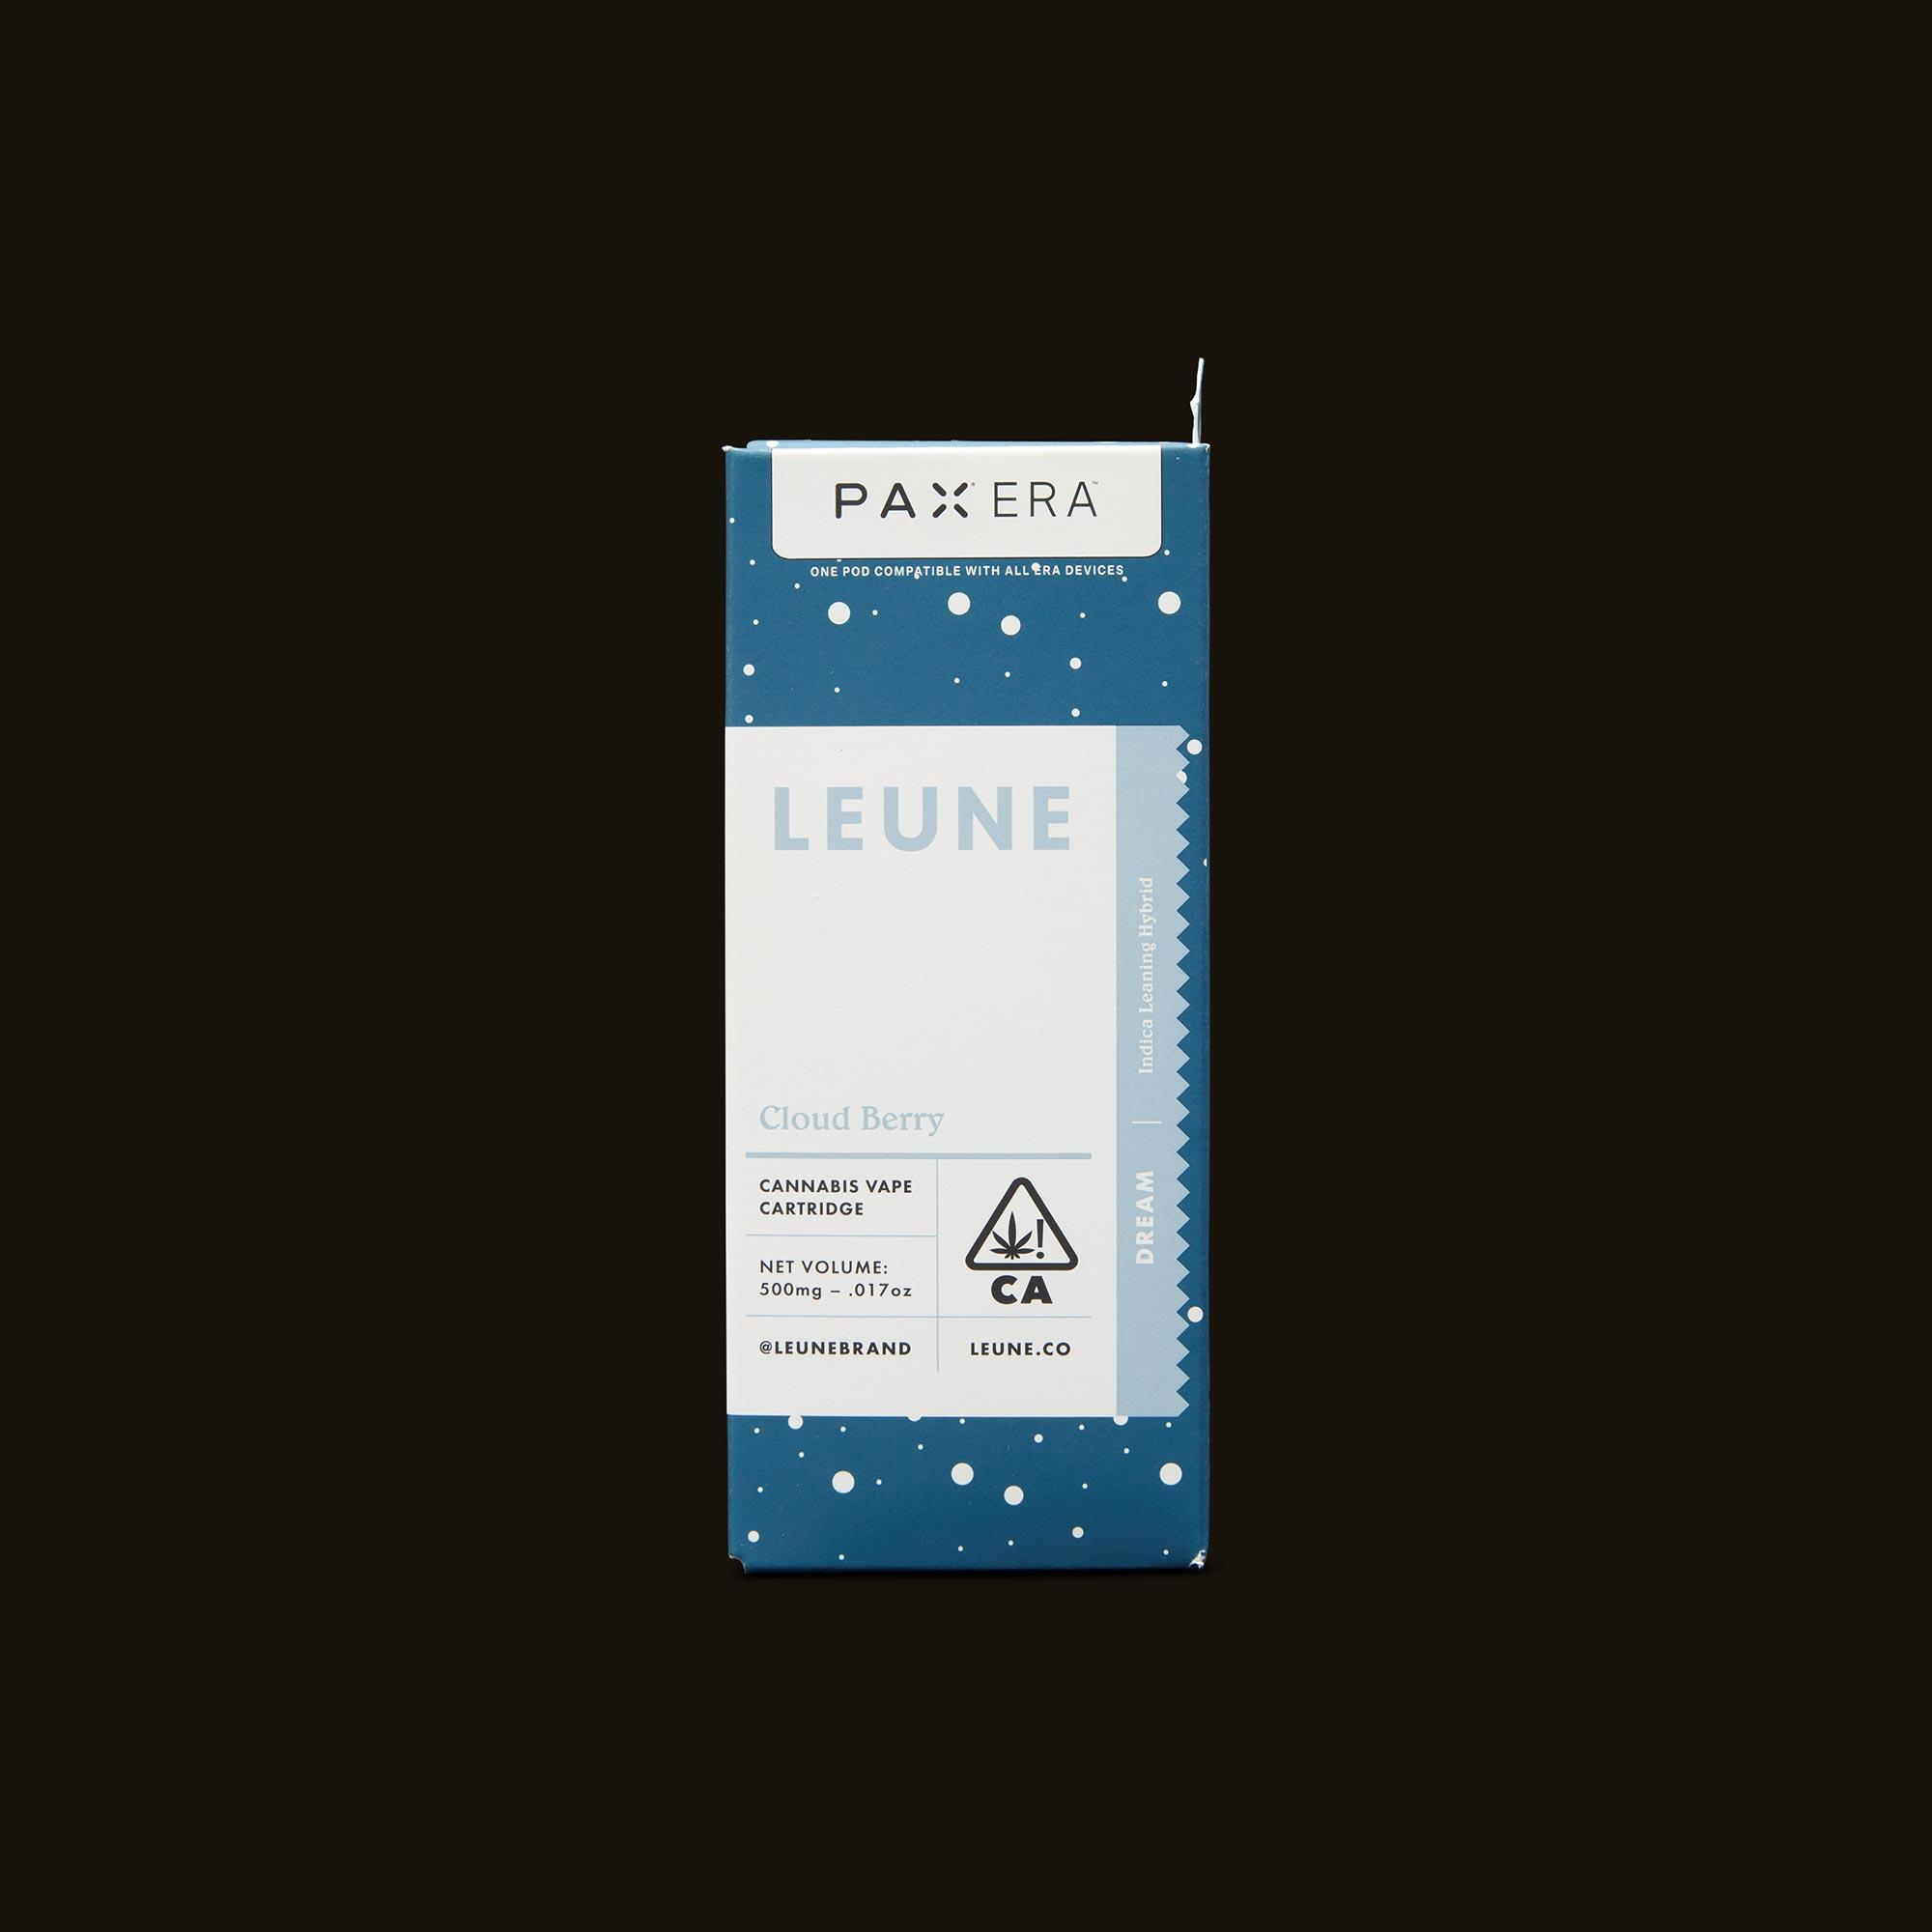 LEUNE Cloud Berry PAX Era Pod Front Packaging